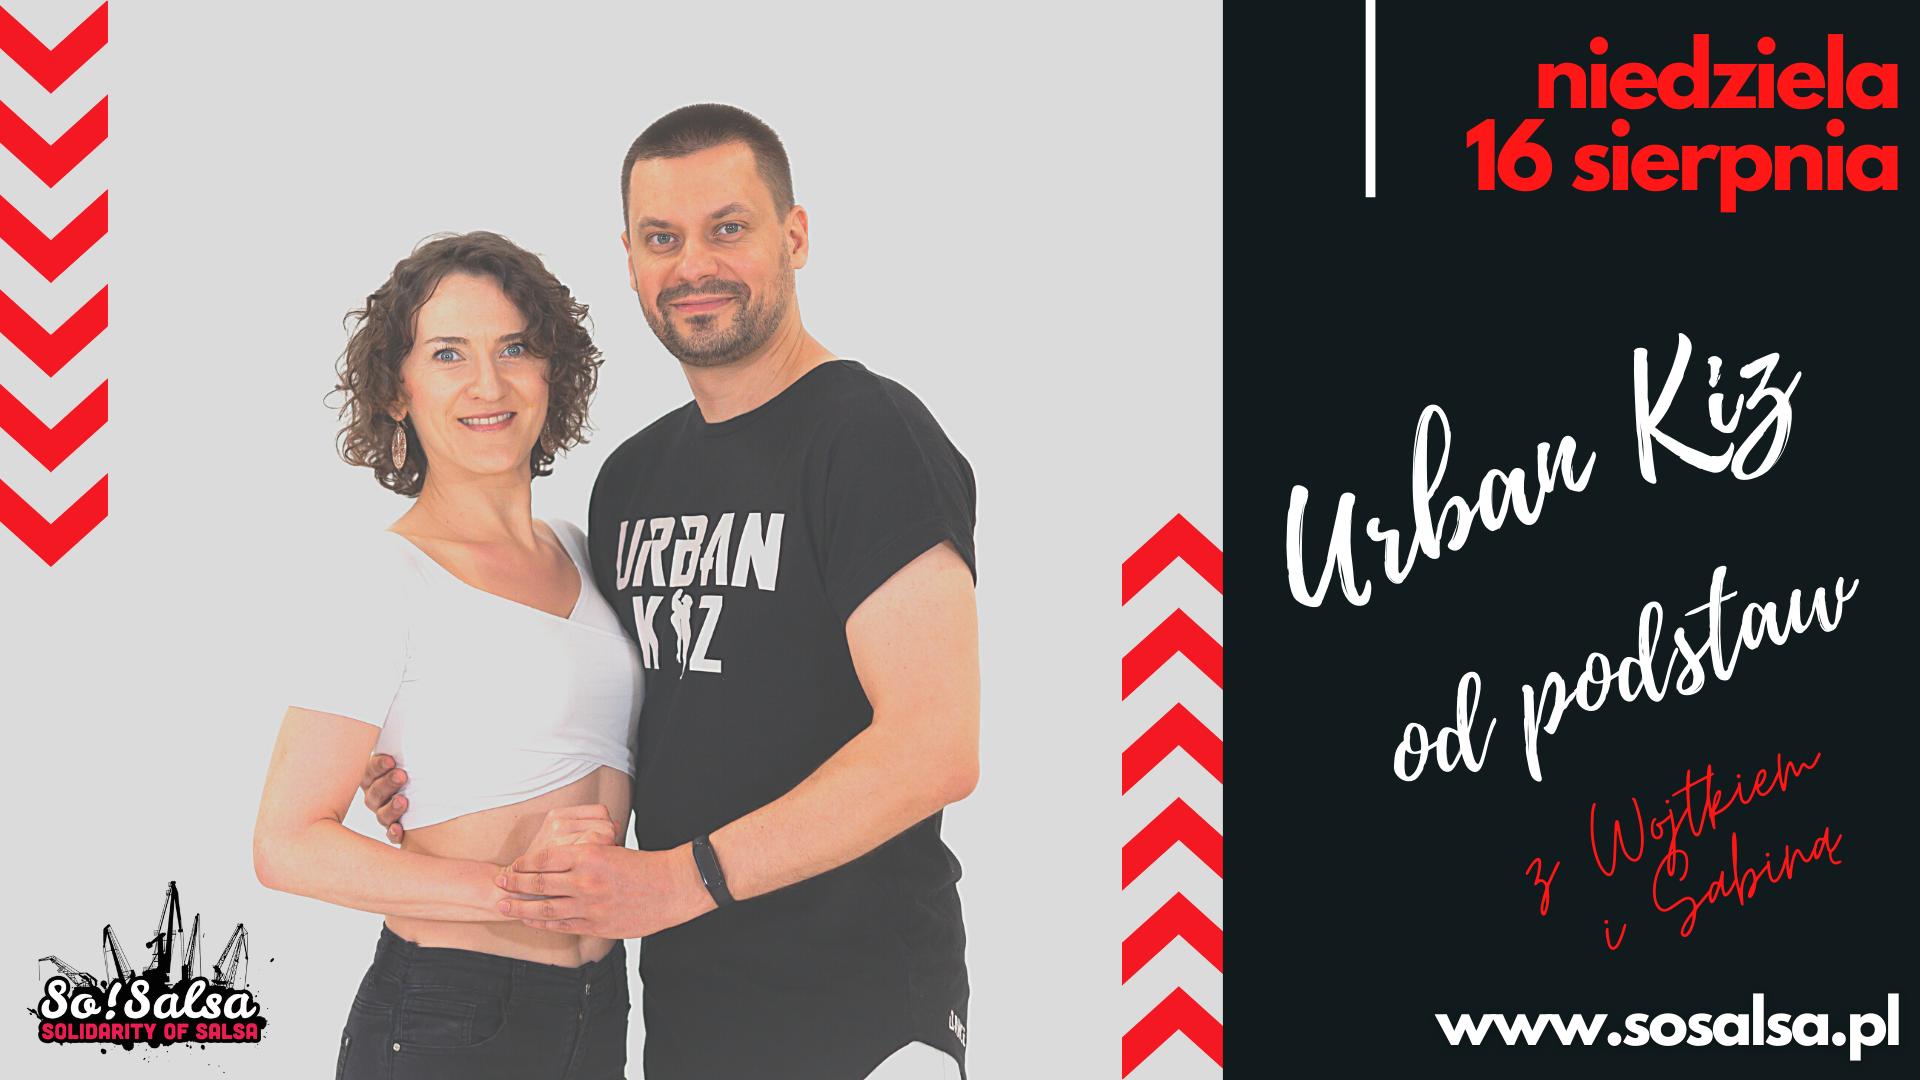 Kurs Urban Kiz - dla początkujących 16/08/2020 w So!Salsa